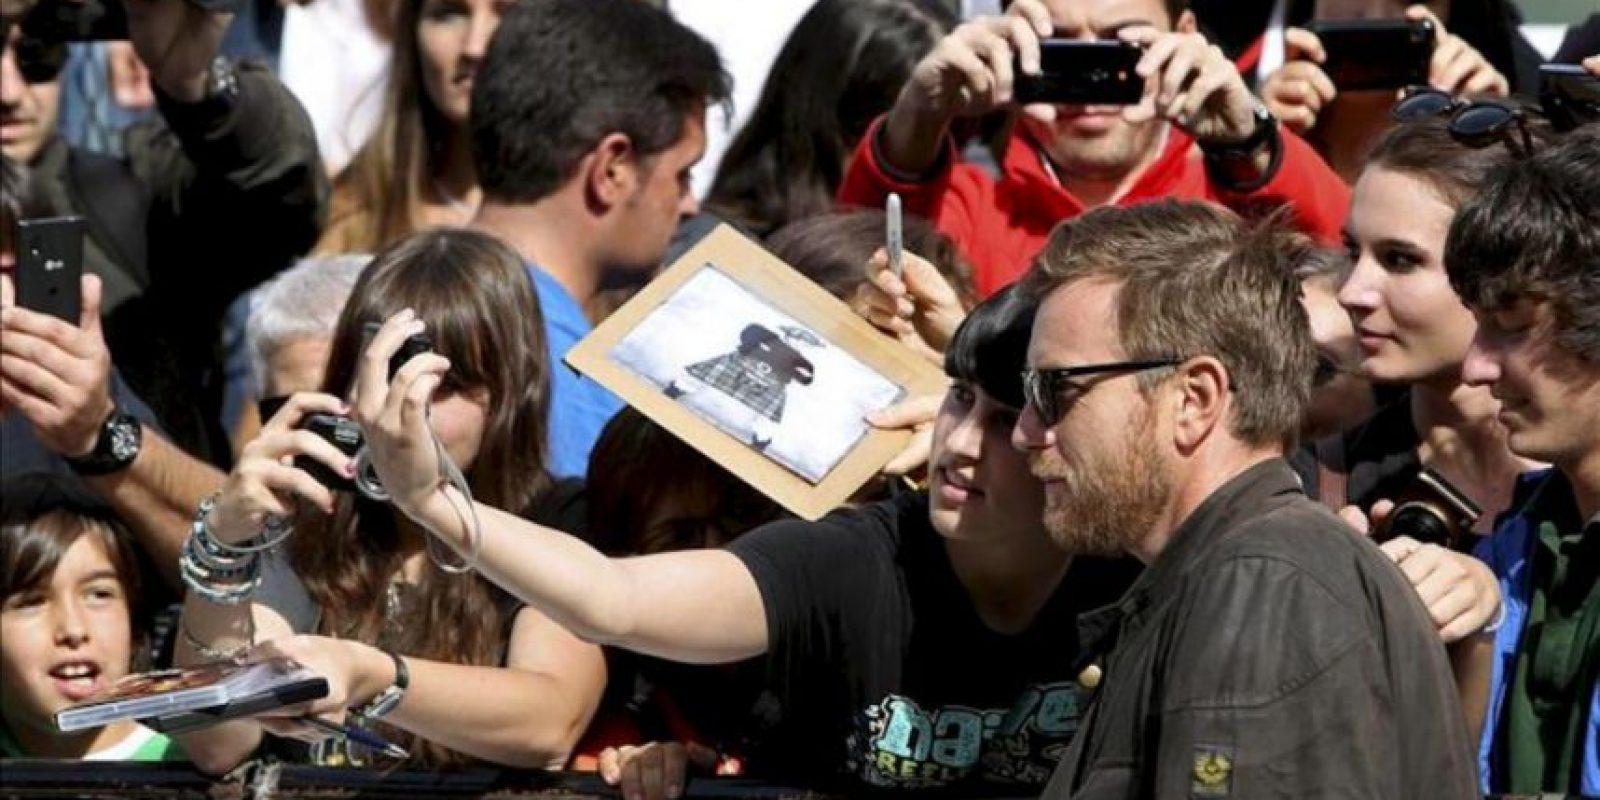 """El actor Ewan McGregor saluda a los fans a su llegada hoy al Festival Internacional de Cine de San Sebastián, donde recibirá el premio Donostia y presentará la película """"Lo imposible"""", que compite en la Sección Oficial del certamen. EFE"""